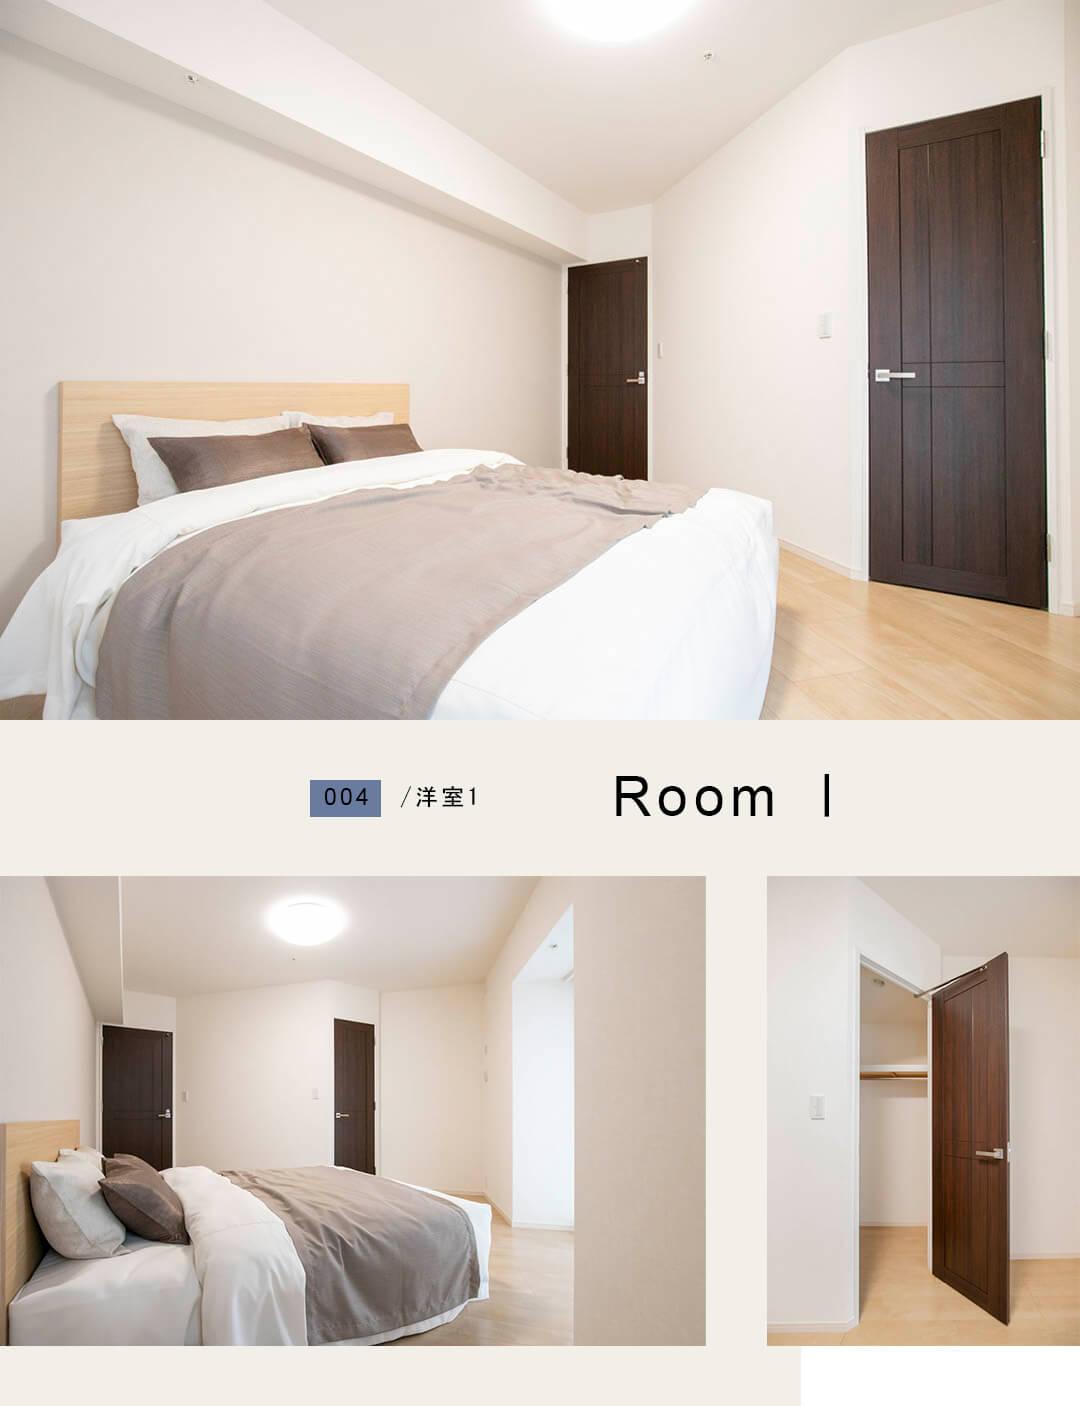 04洋室1,RoomⅠ